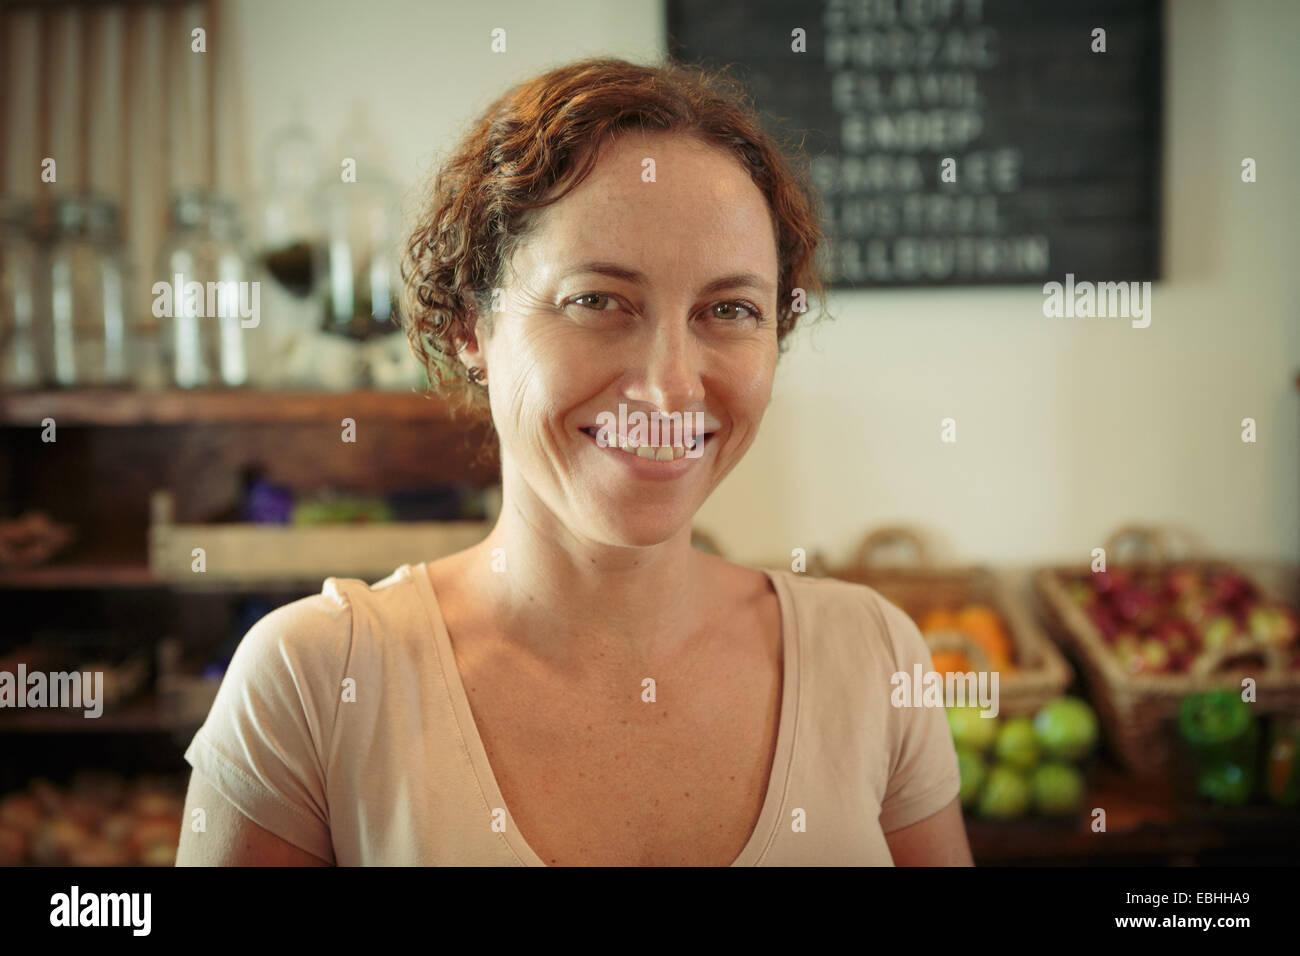 Ritratto di donna shop assistant in paese store Immagini Stock